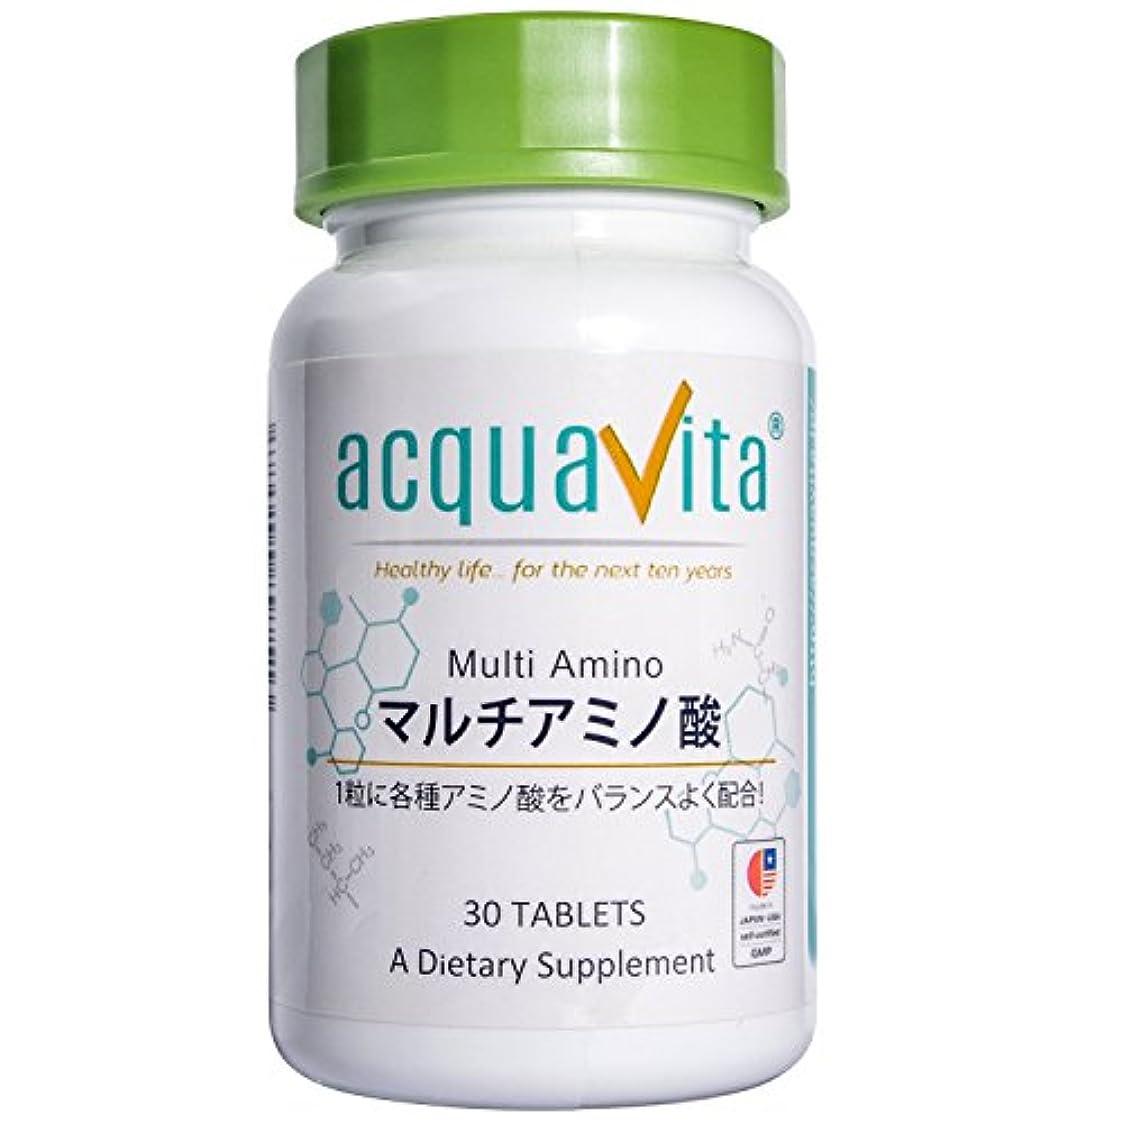 コート変える反響するacquavita(アクアヴィータ) マルチアミノ酸 30粒